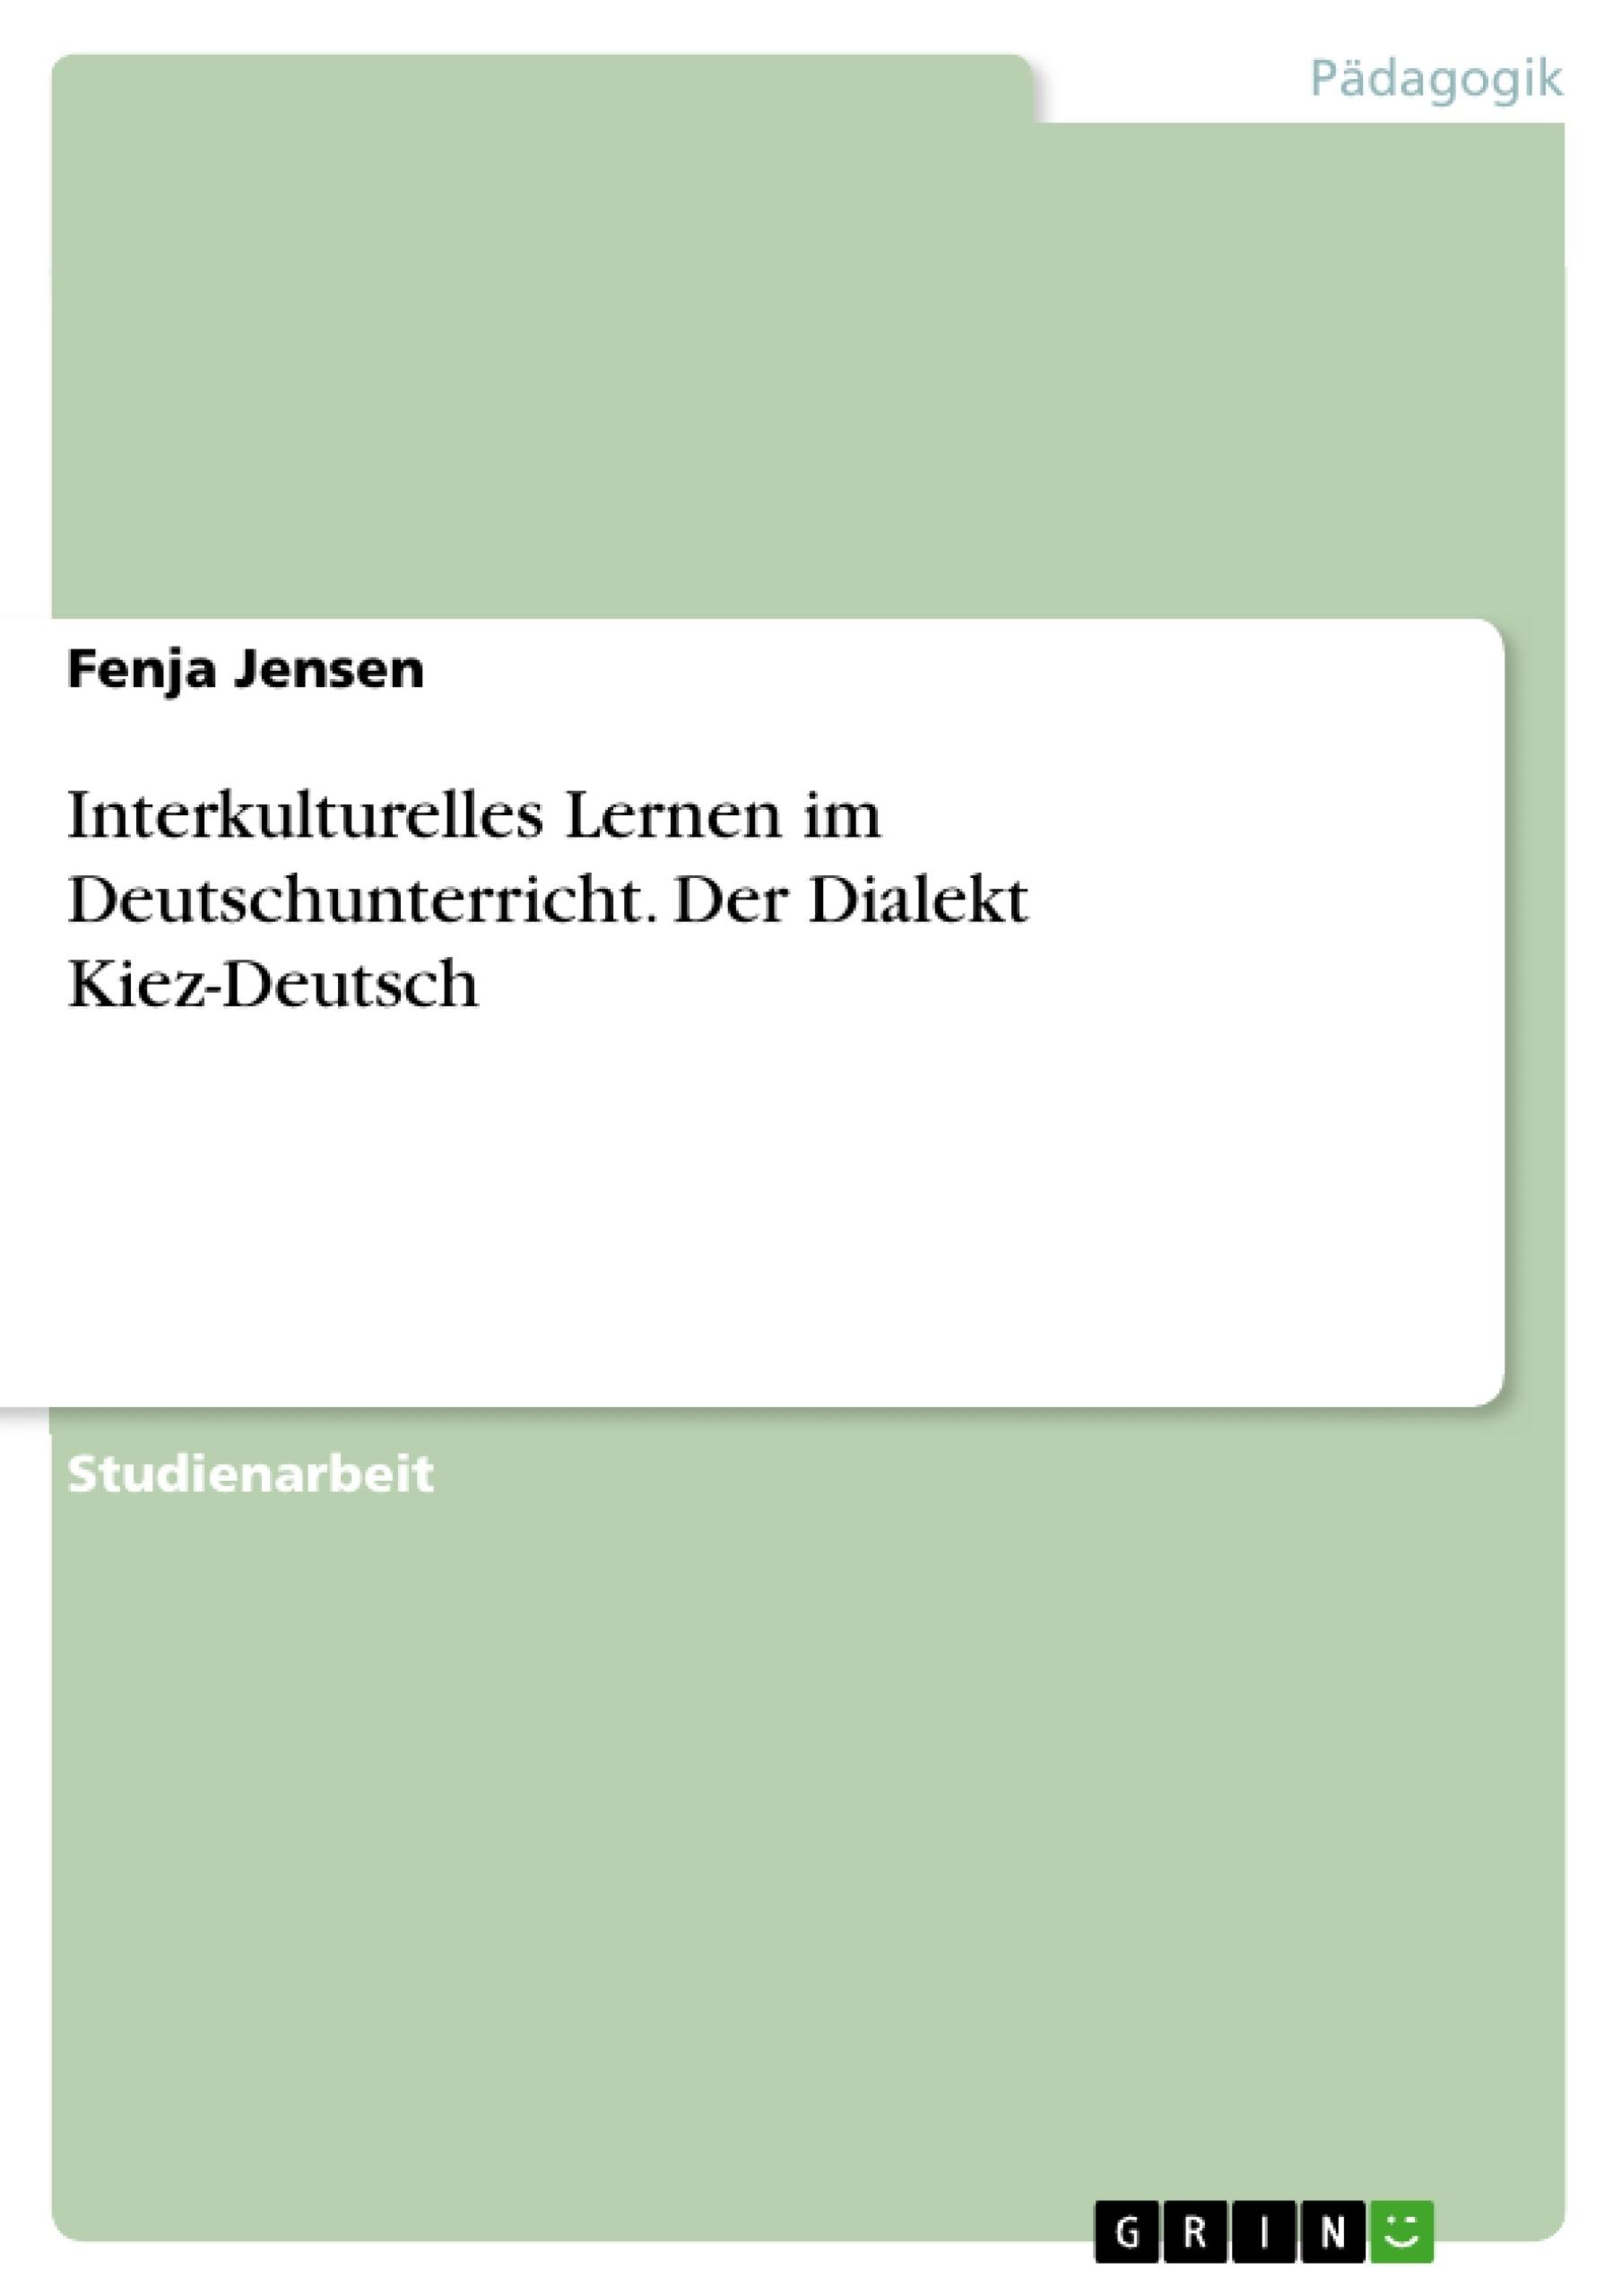 Titel: Interkulturelles Lernen im Deutschunterricht. Der Dialekt Kiez-Deutsch